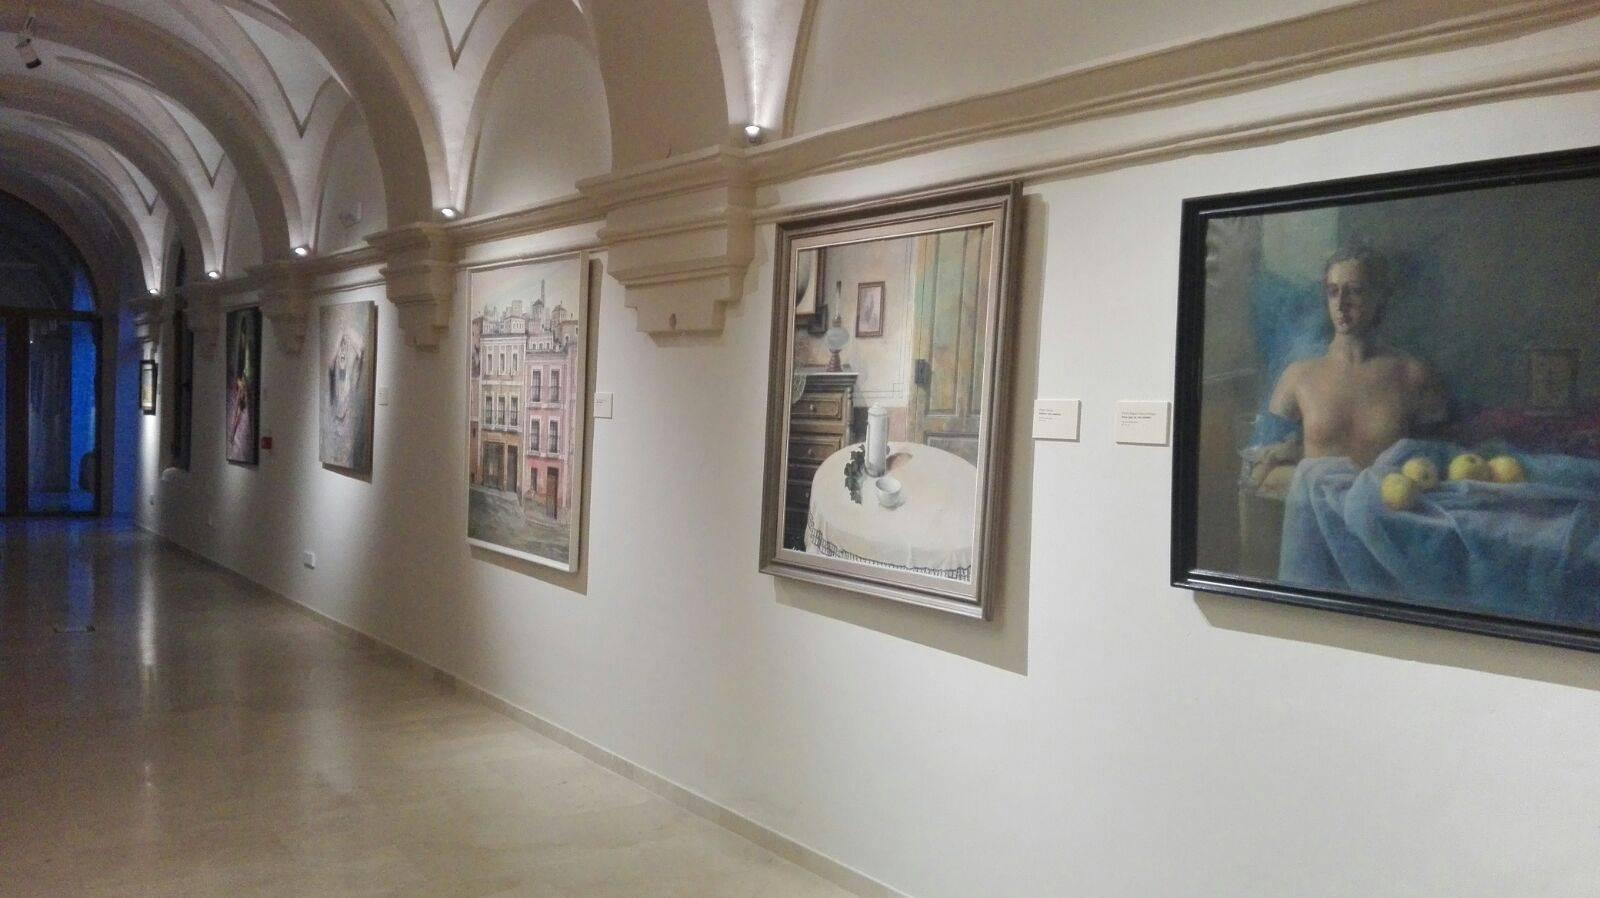 Claustro Ayuntamiento Herencia 3 - Inaugurado el antiguo Claustro del Ayuntamiento como galería artística del patrimonio histórico de Herencia